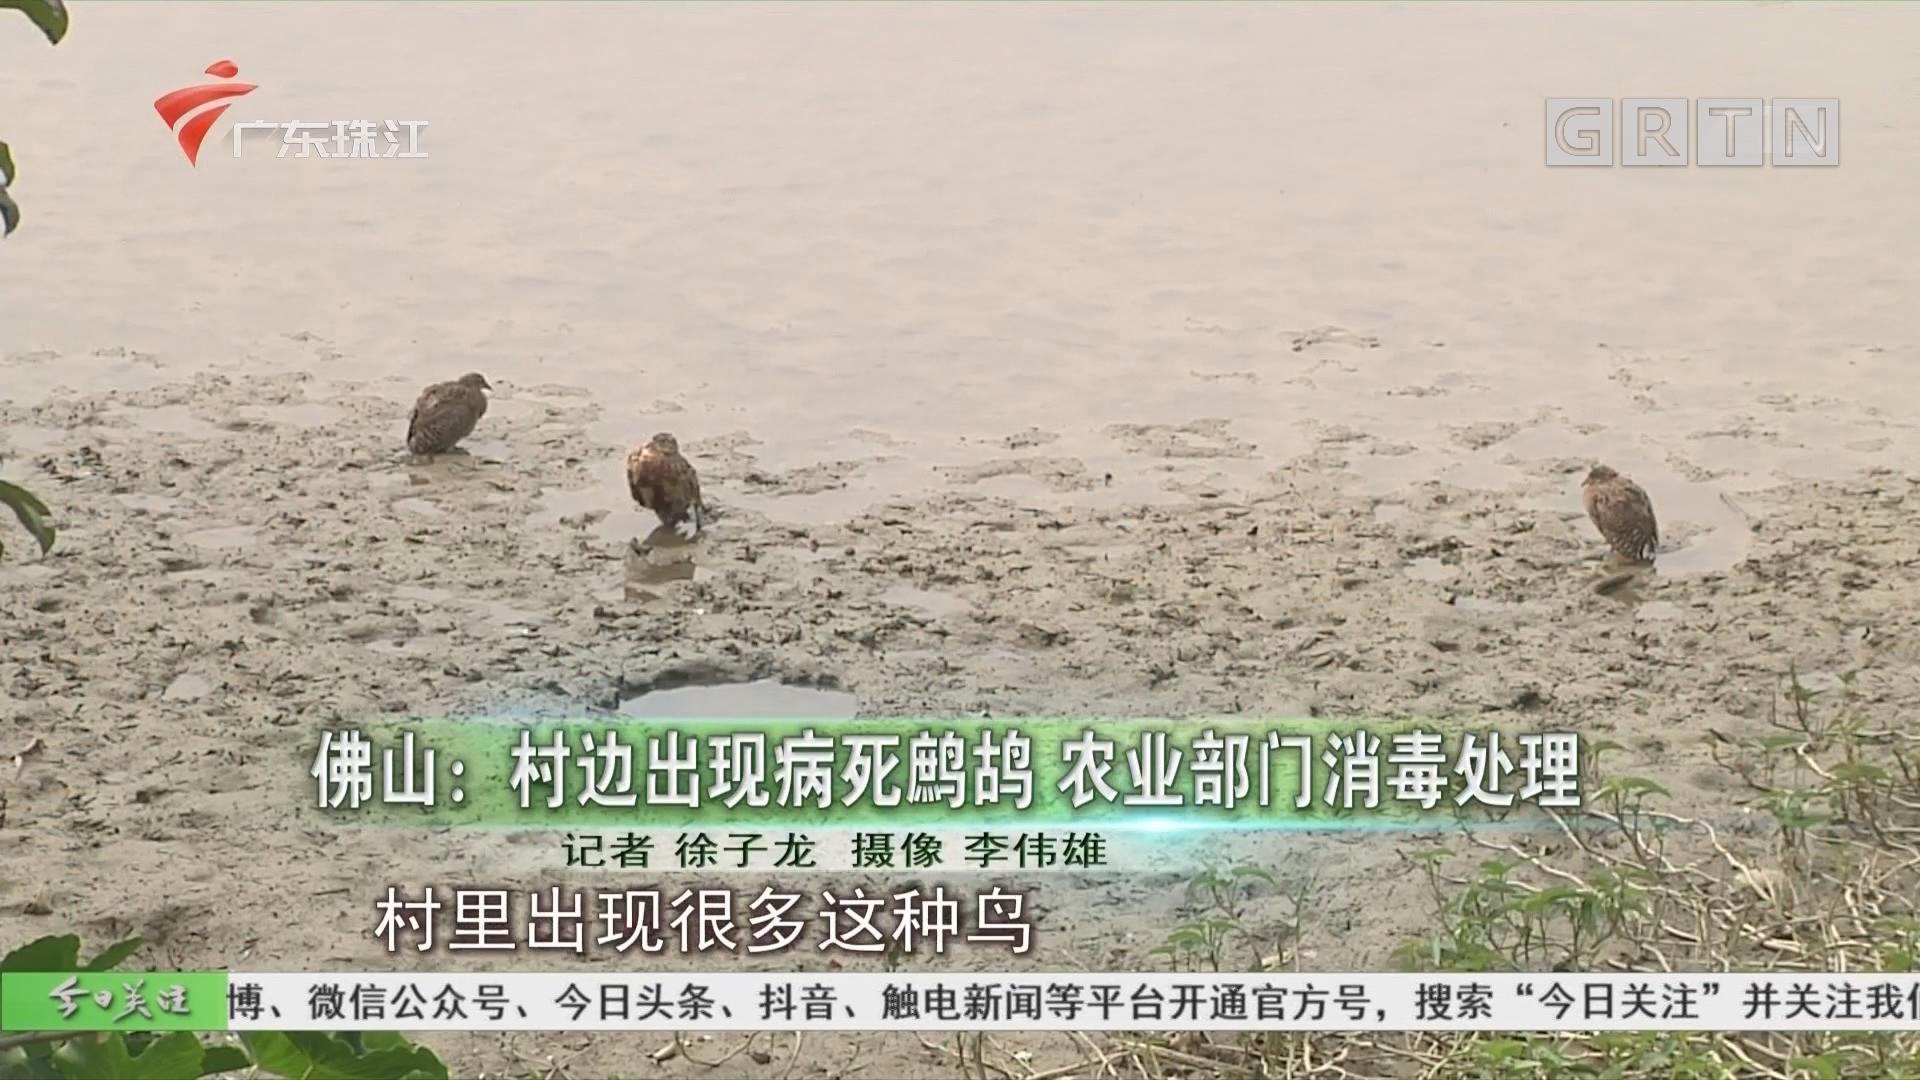 佛山:村边出现病死鹧鸪 农业部门消毒处理